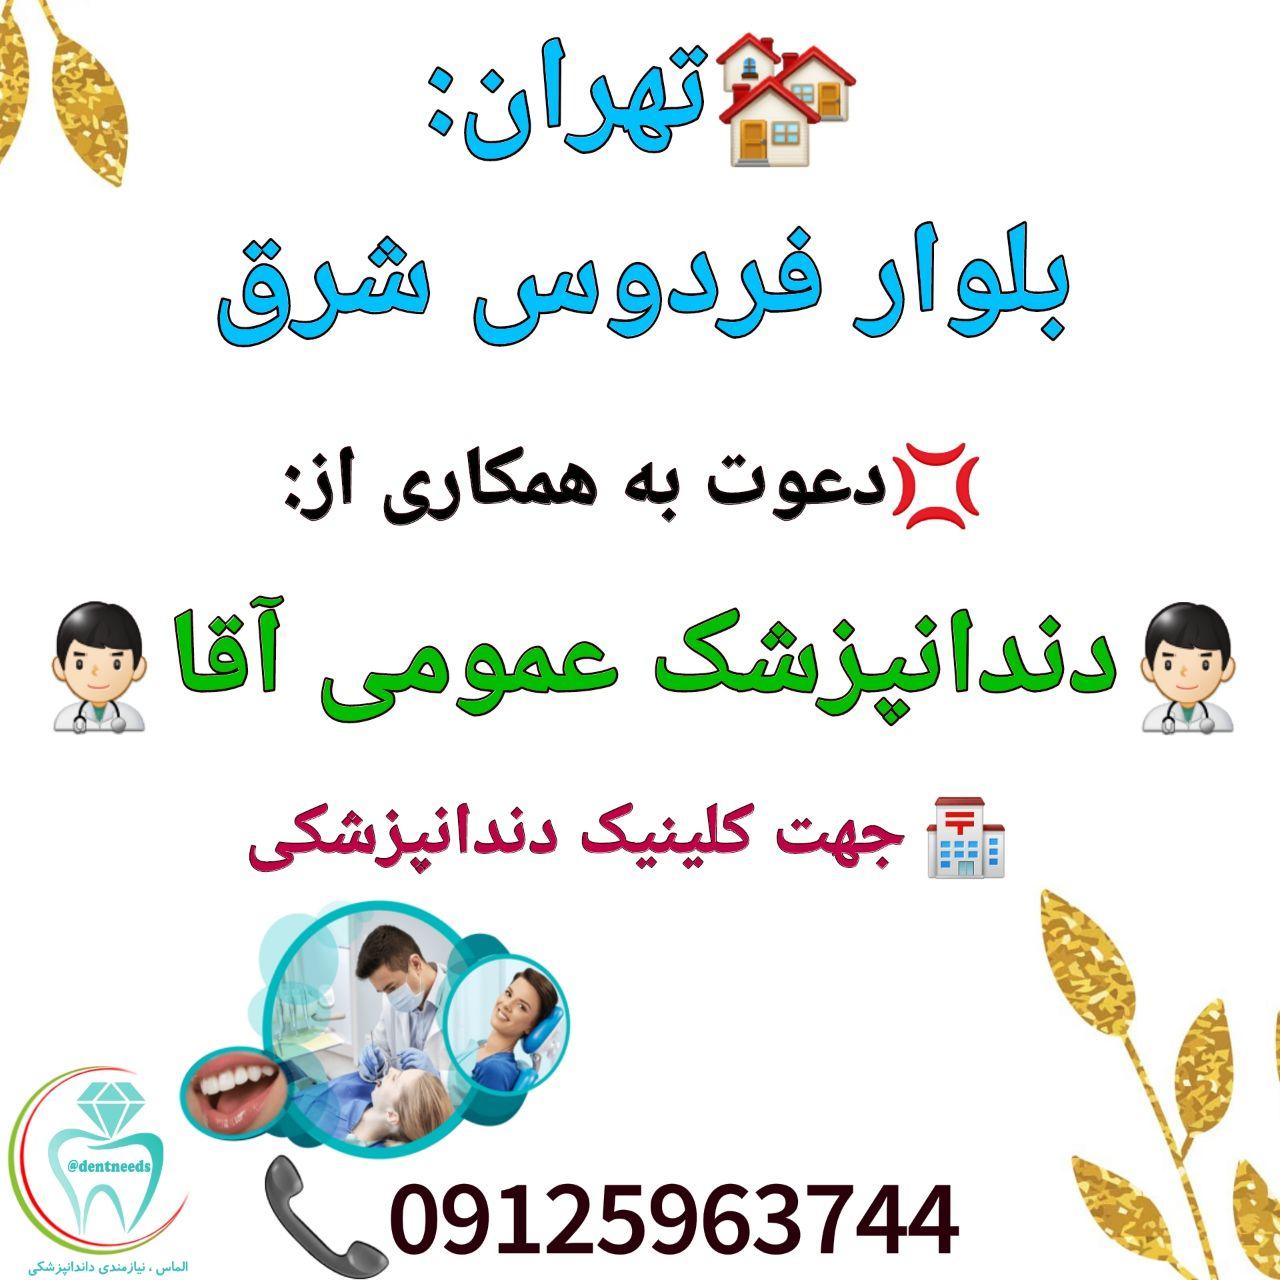 تهران: بلوار فردوس شرق، نیاز به دندانپزشک عمومی آقا